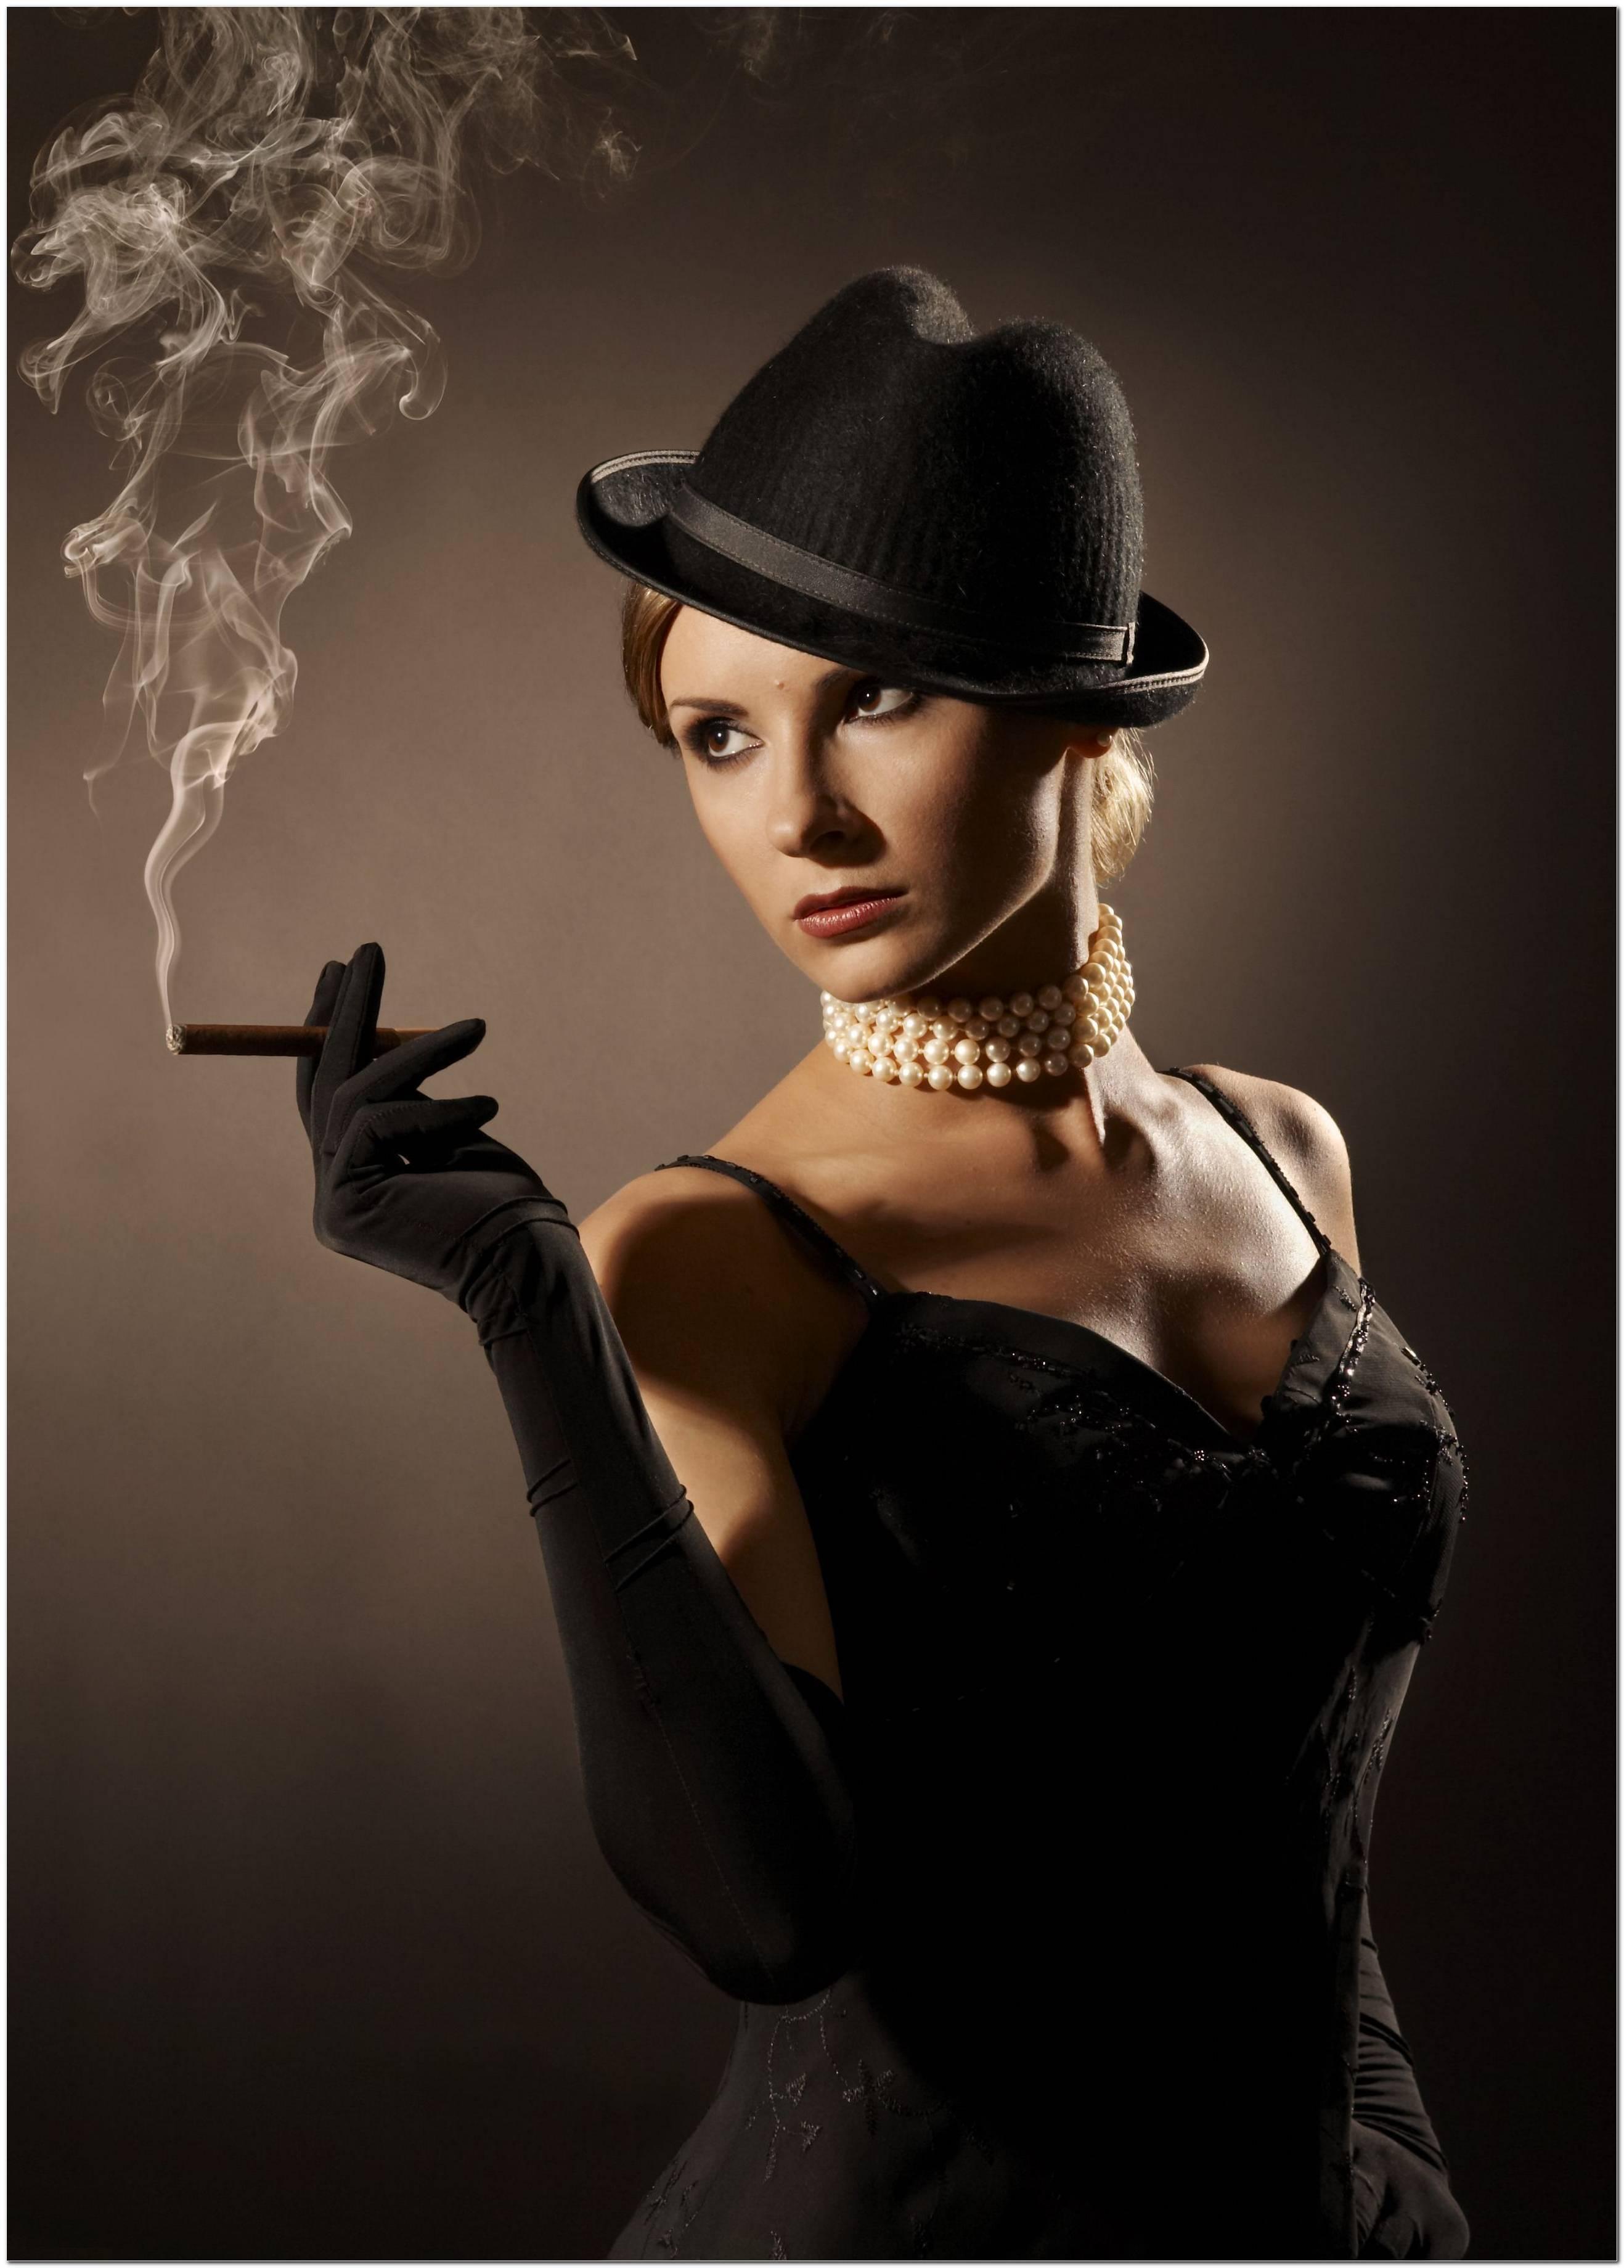 Mafia Frisur Frau